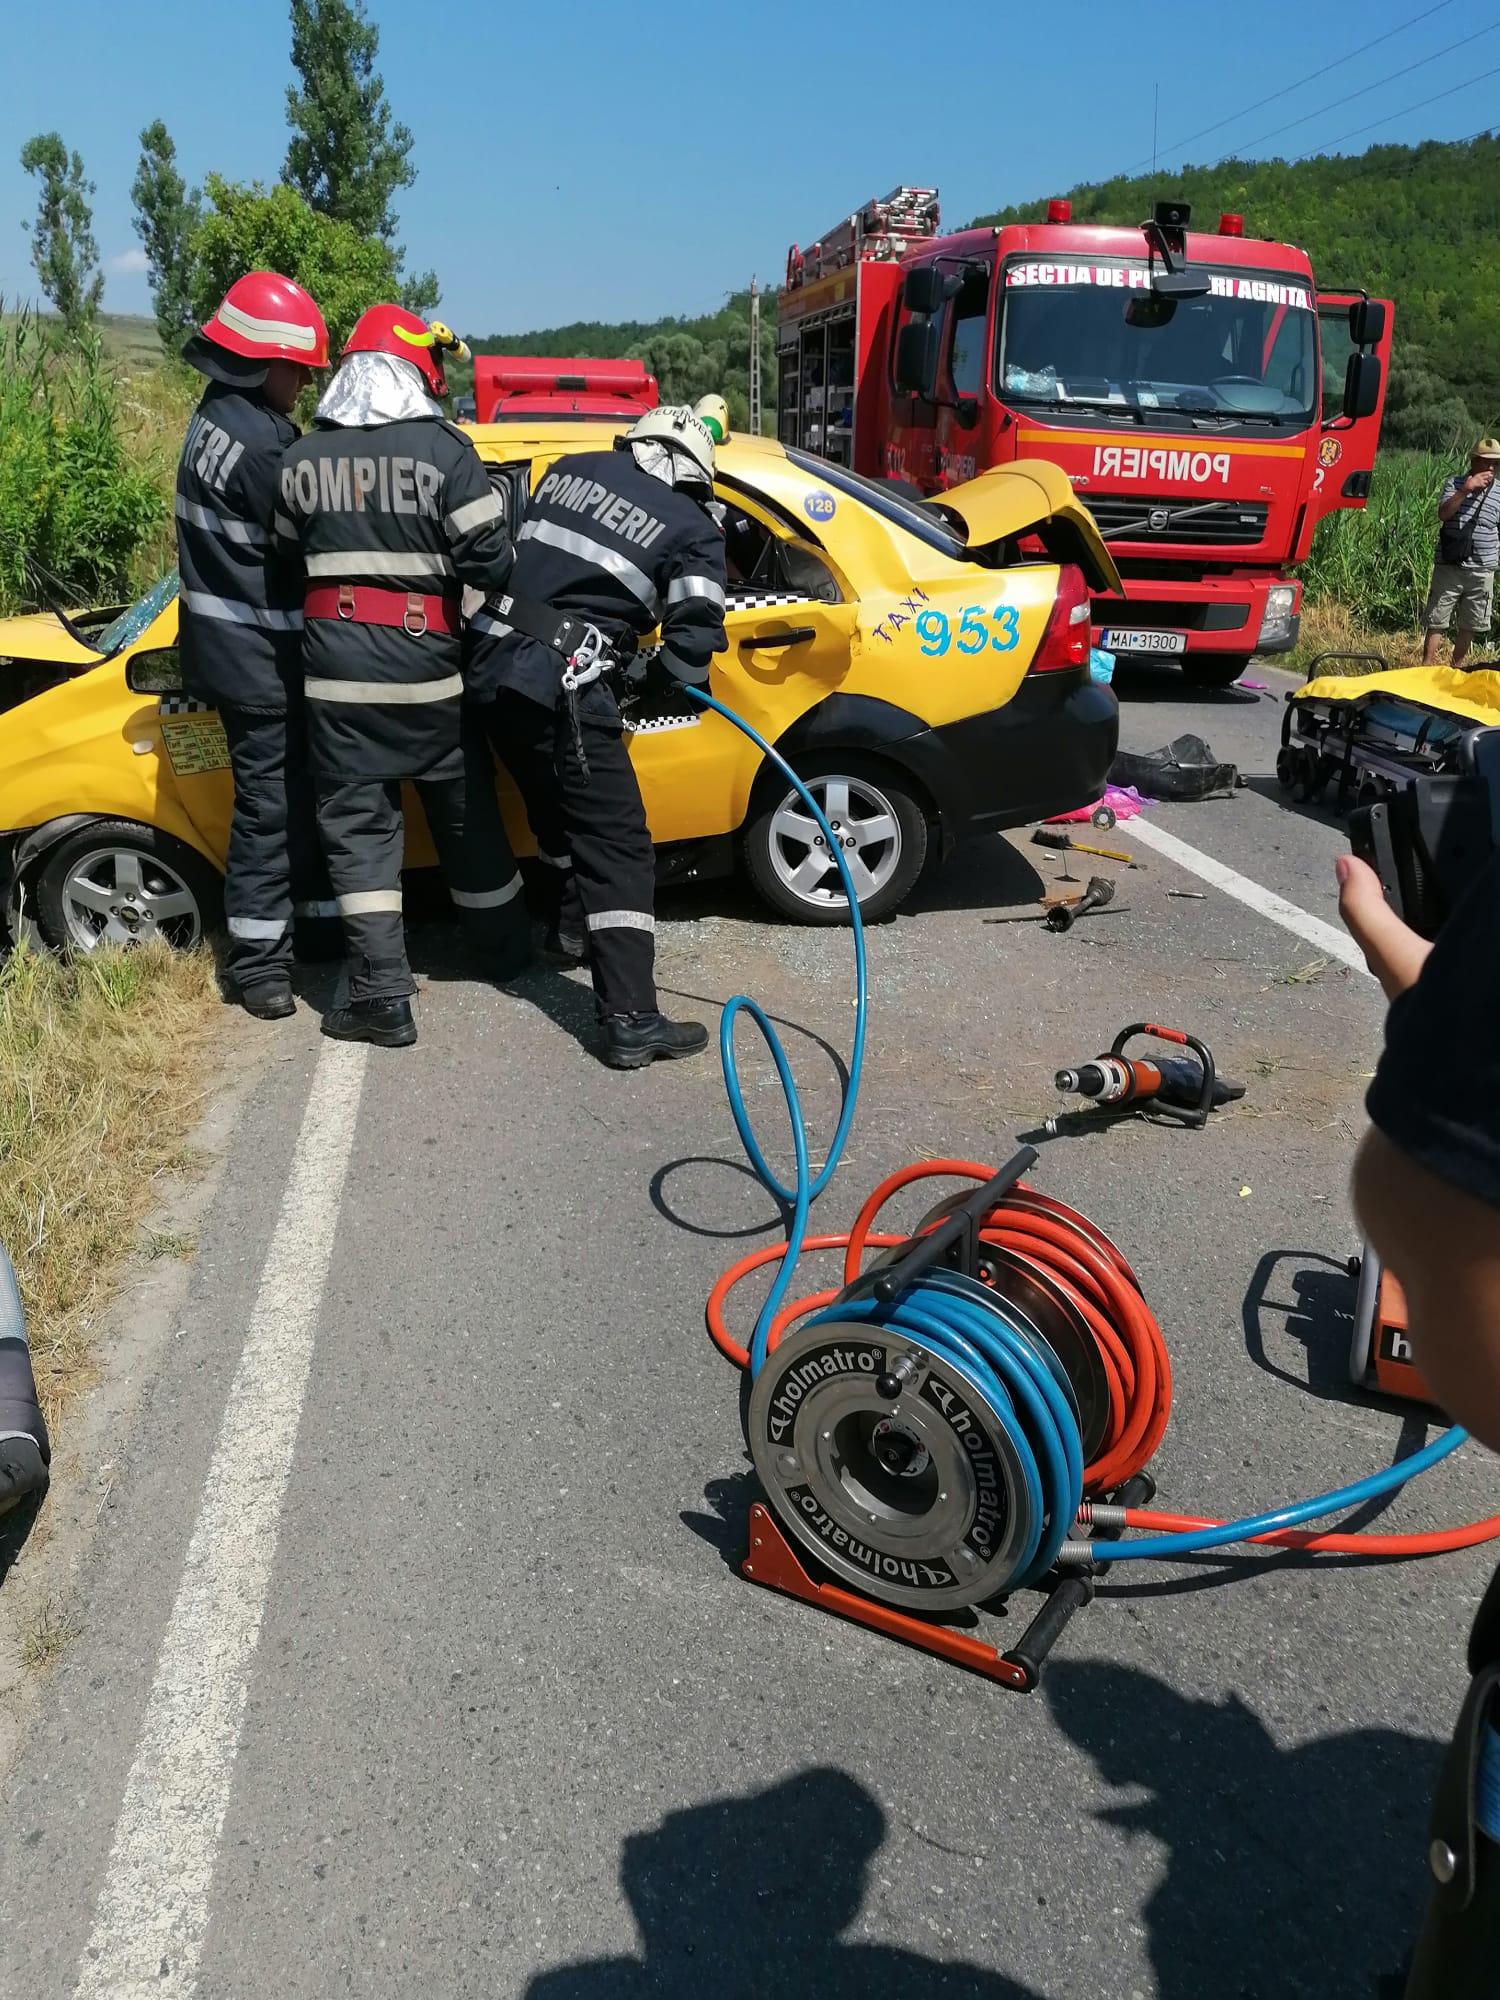 Actualizare: DJ 106: O persoană a murit și alte două au fost rănite după ce o mașina a intrat într-un cap de pod